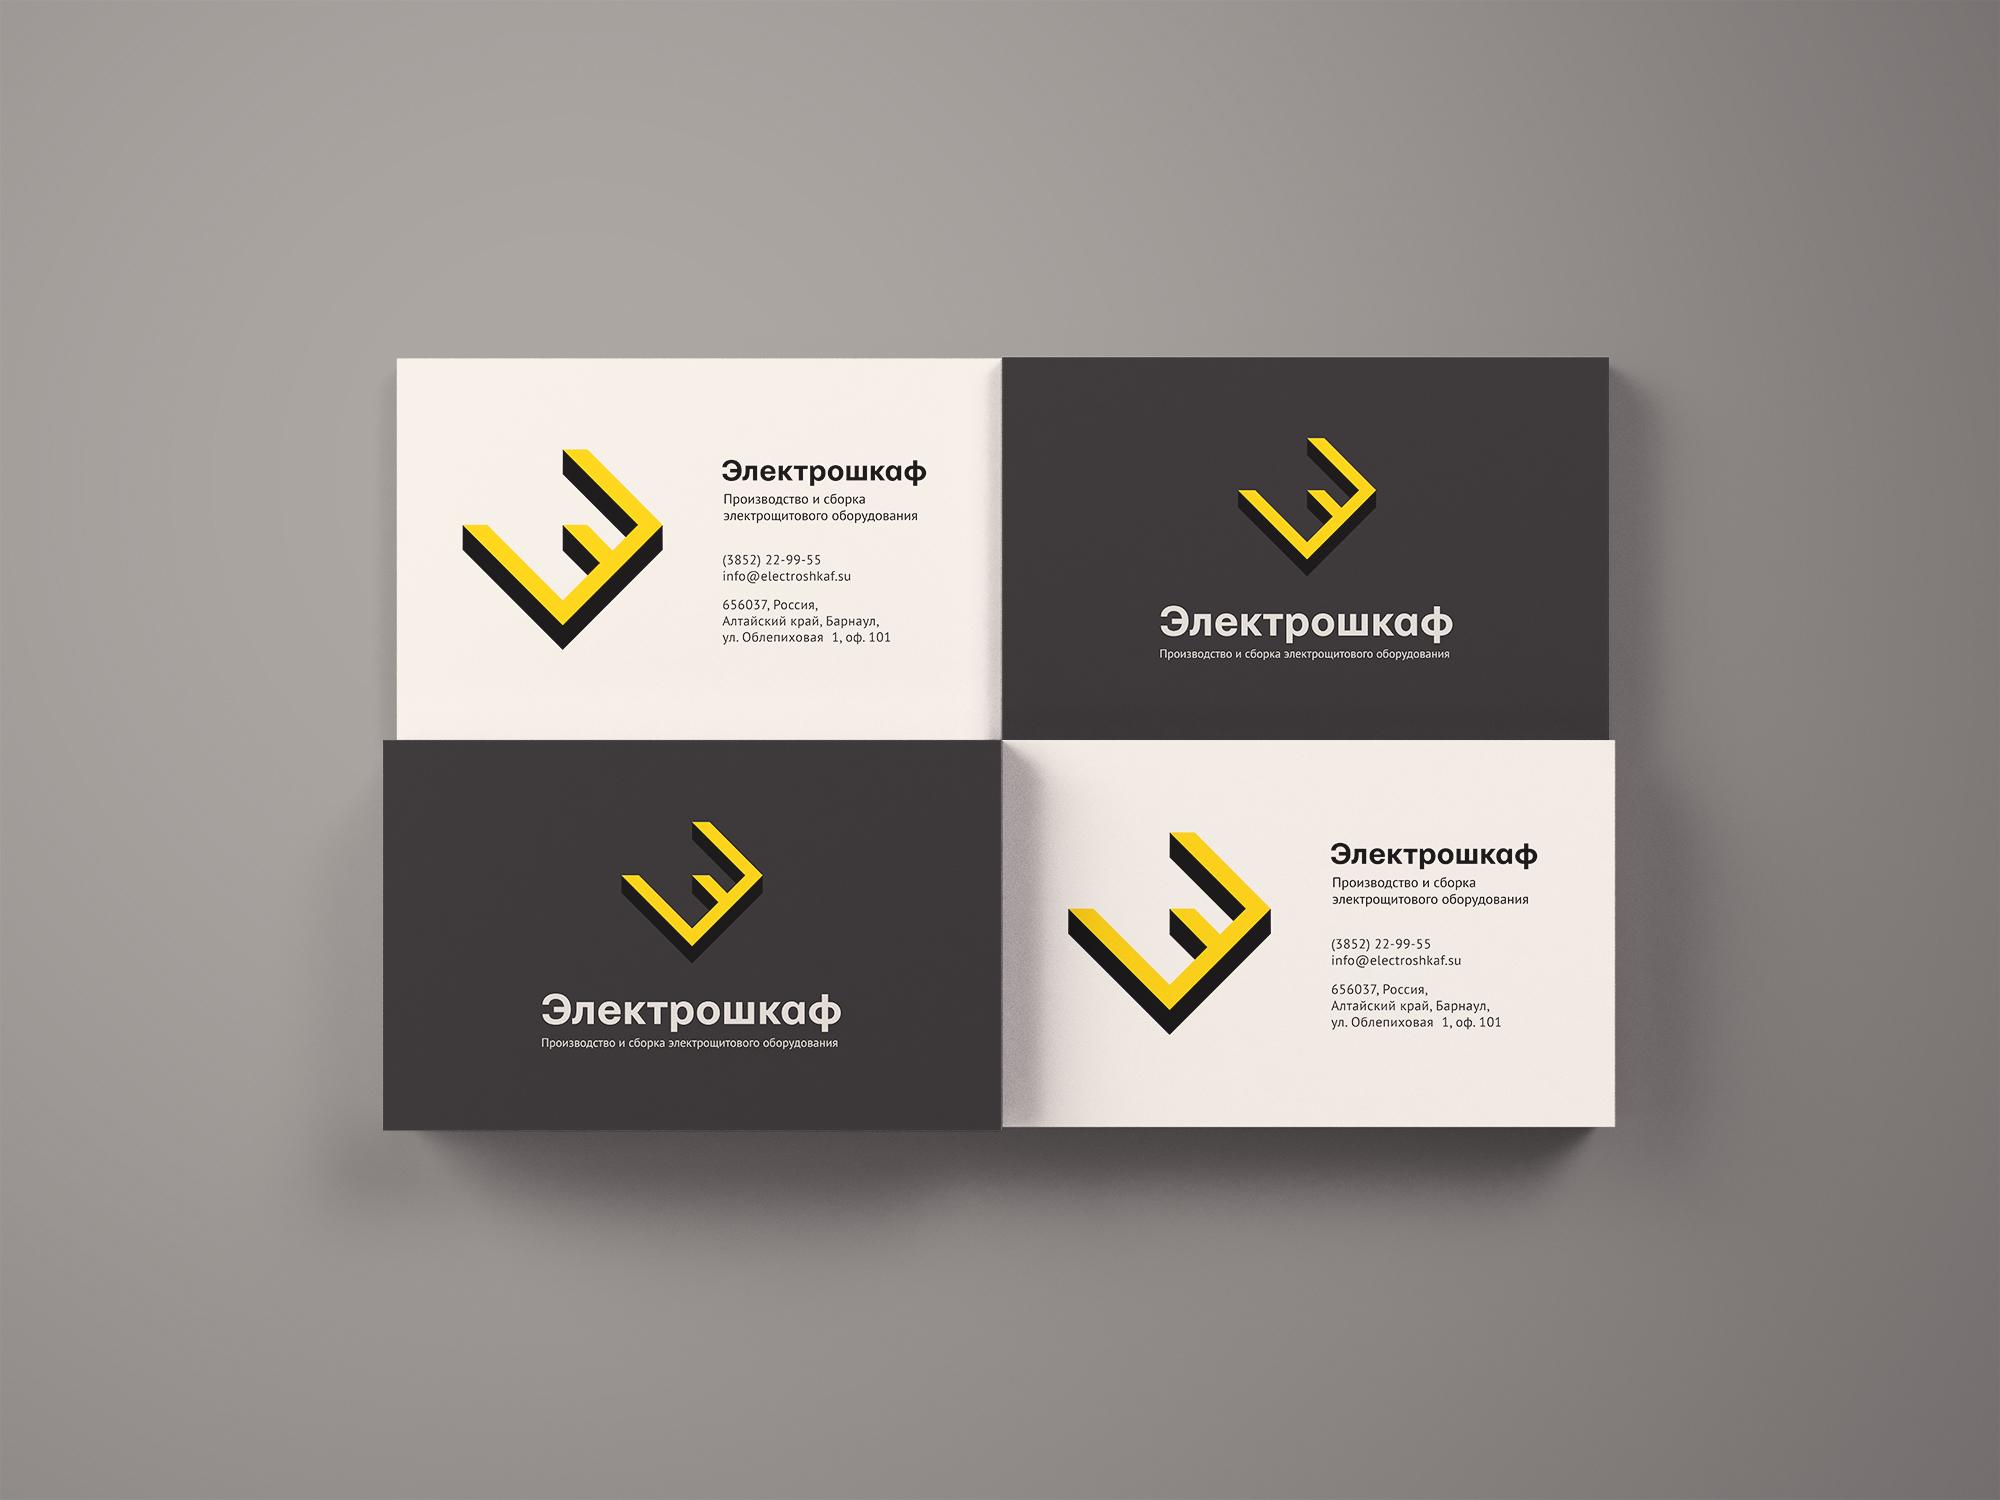 Разработать логотип для завода по производству электрощитов фото f_8305b6f038db8921.jpg